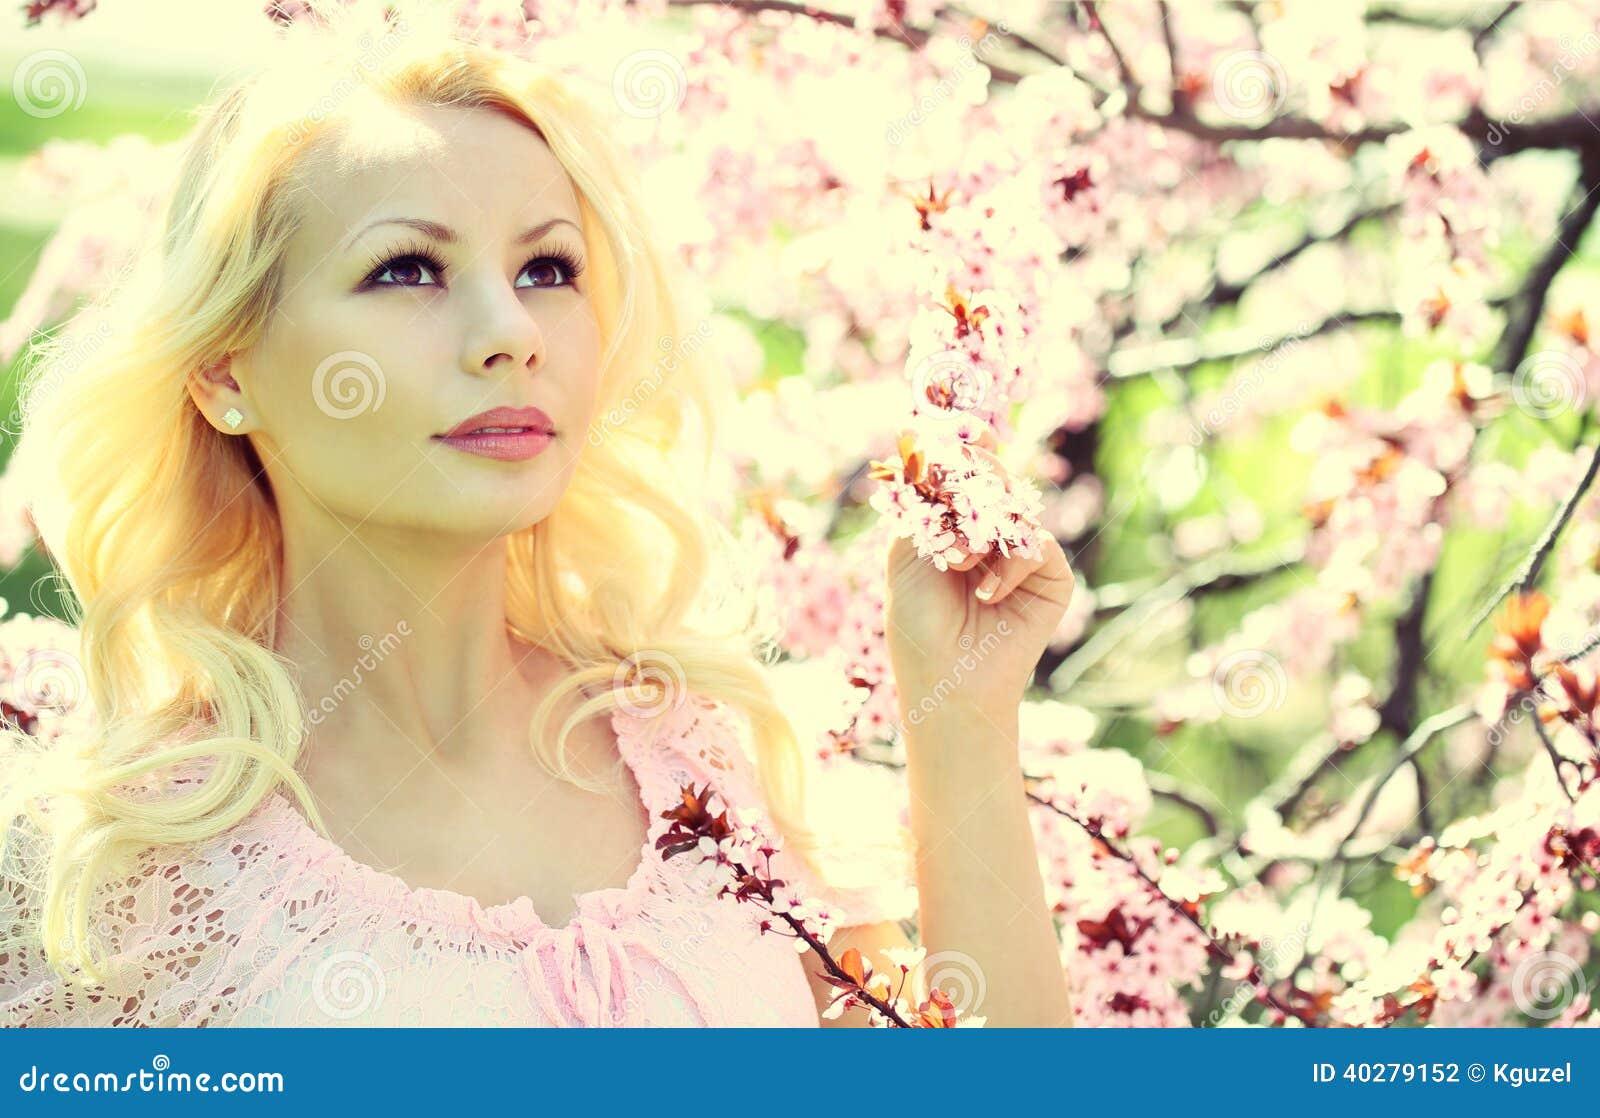 Белокурая девушка с вишневым цветом. Весна